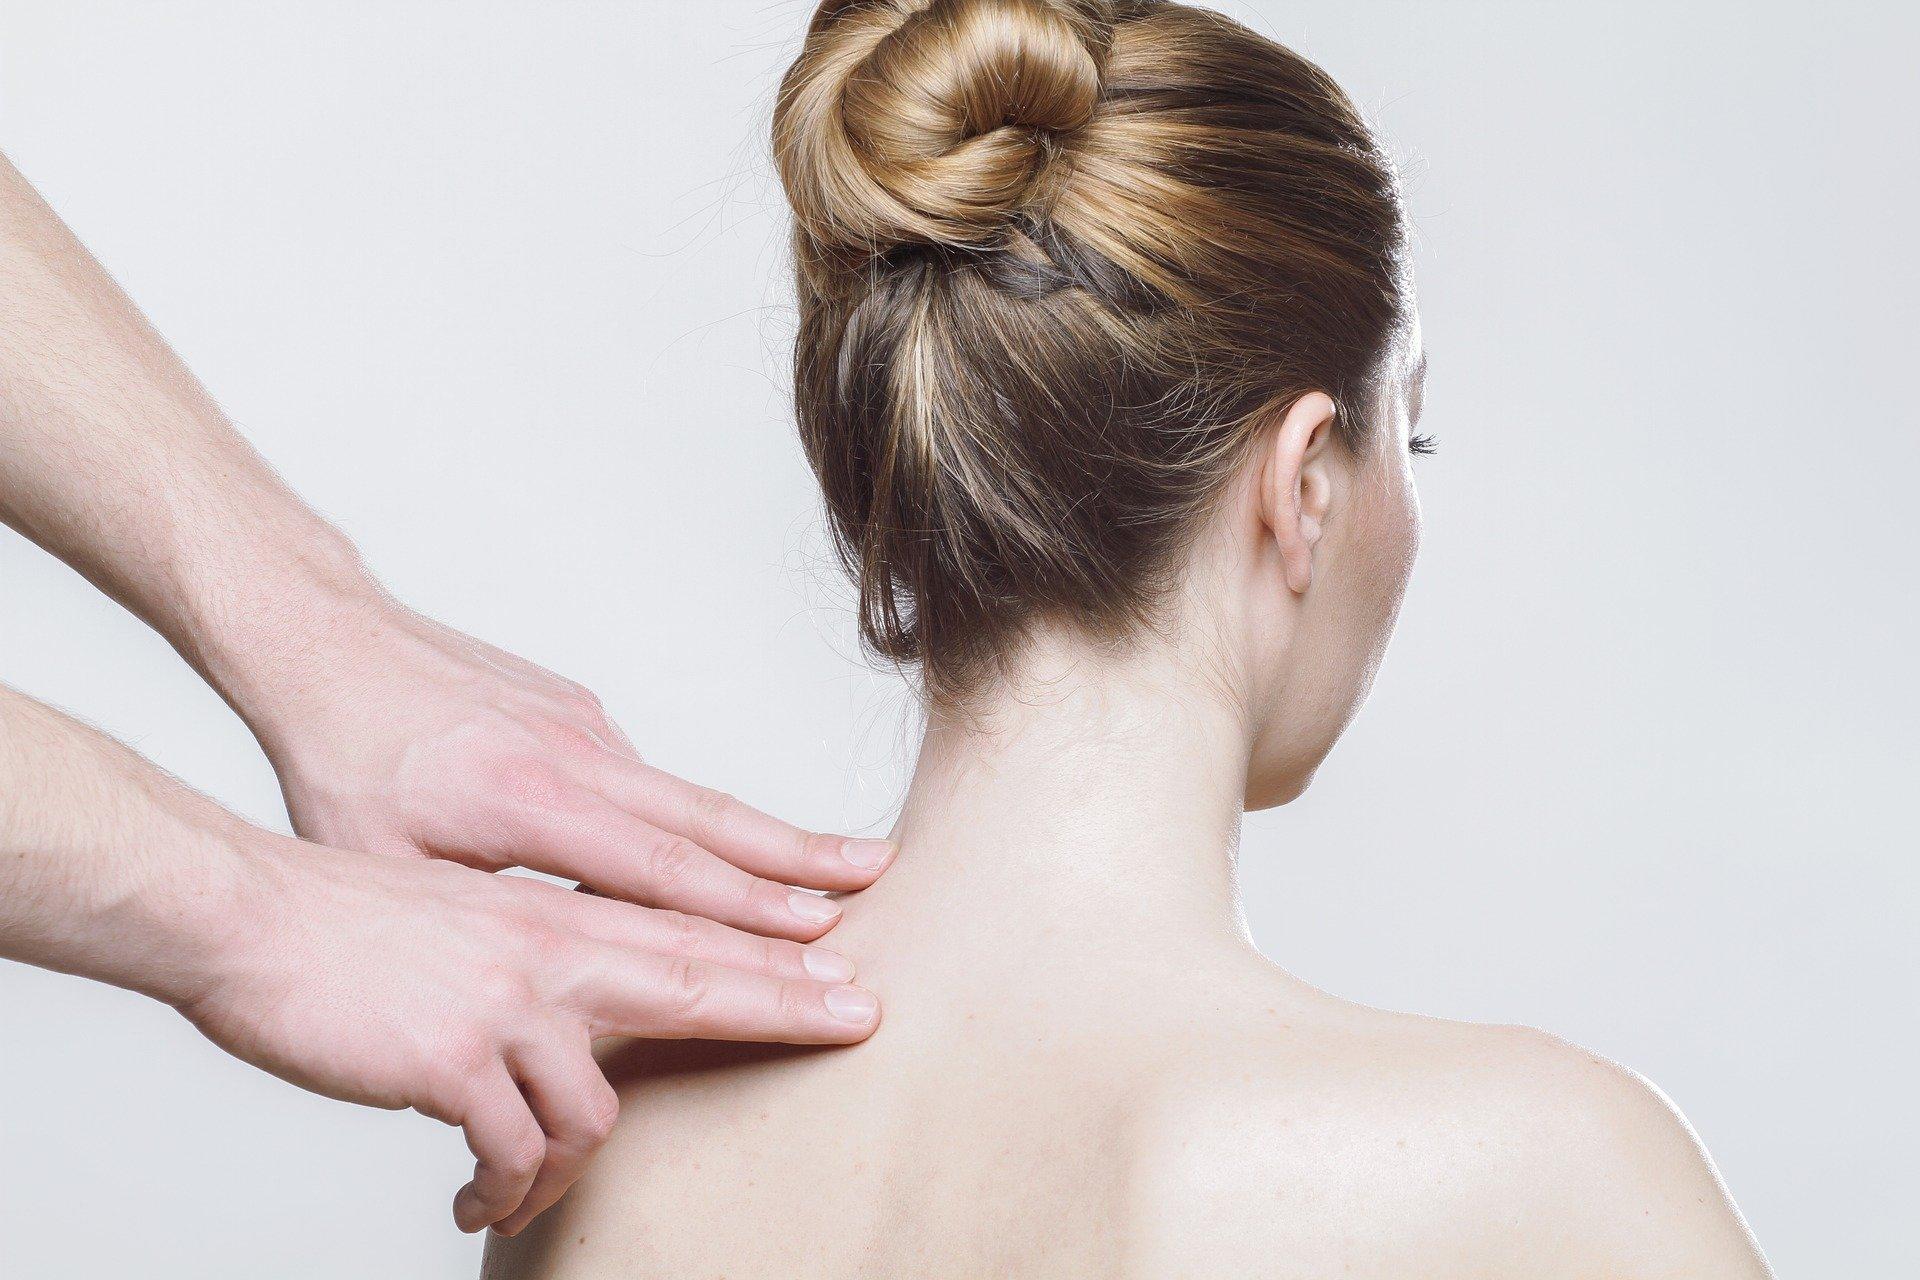 South Carolina Massage Therapy